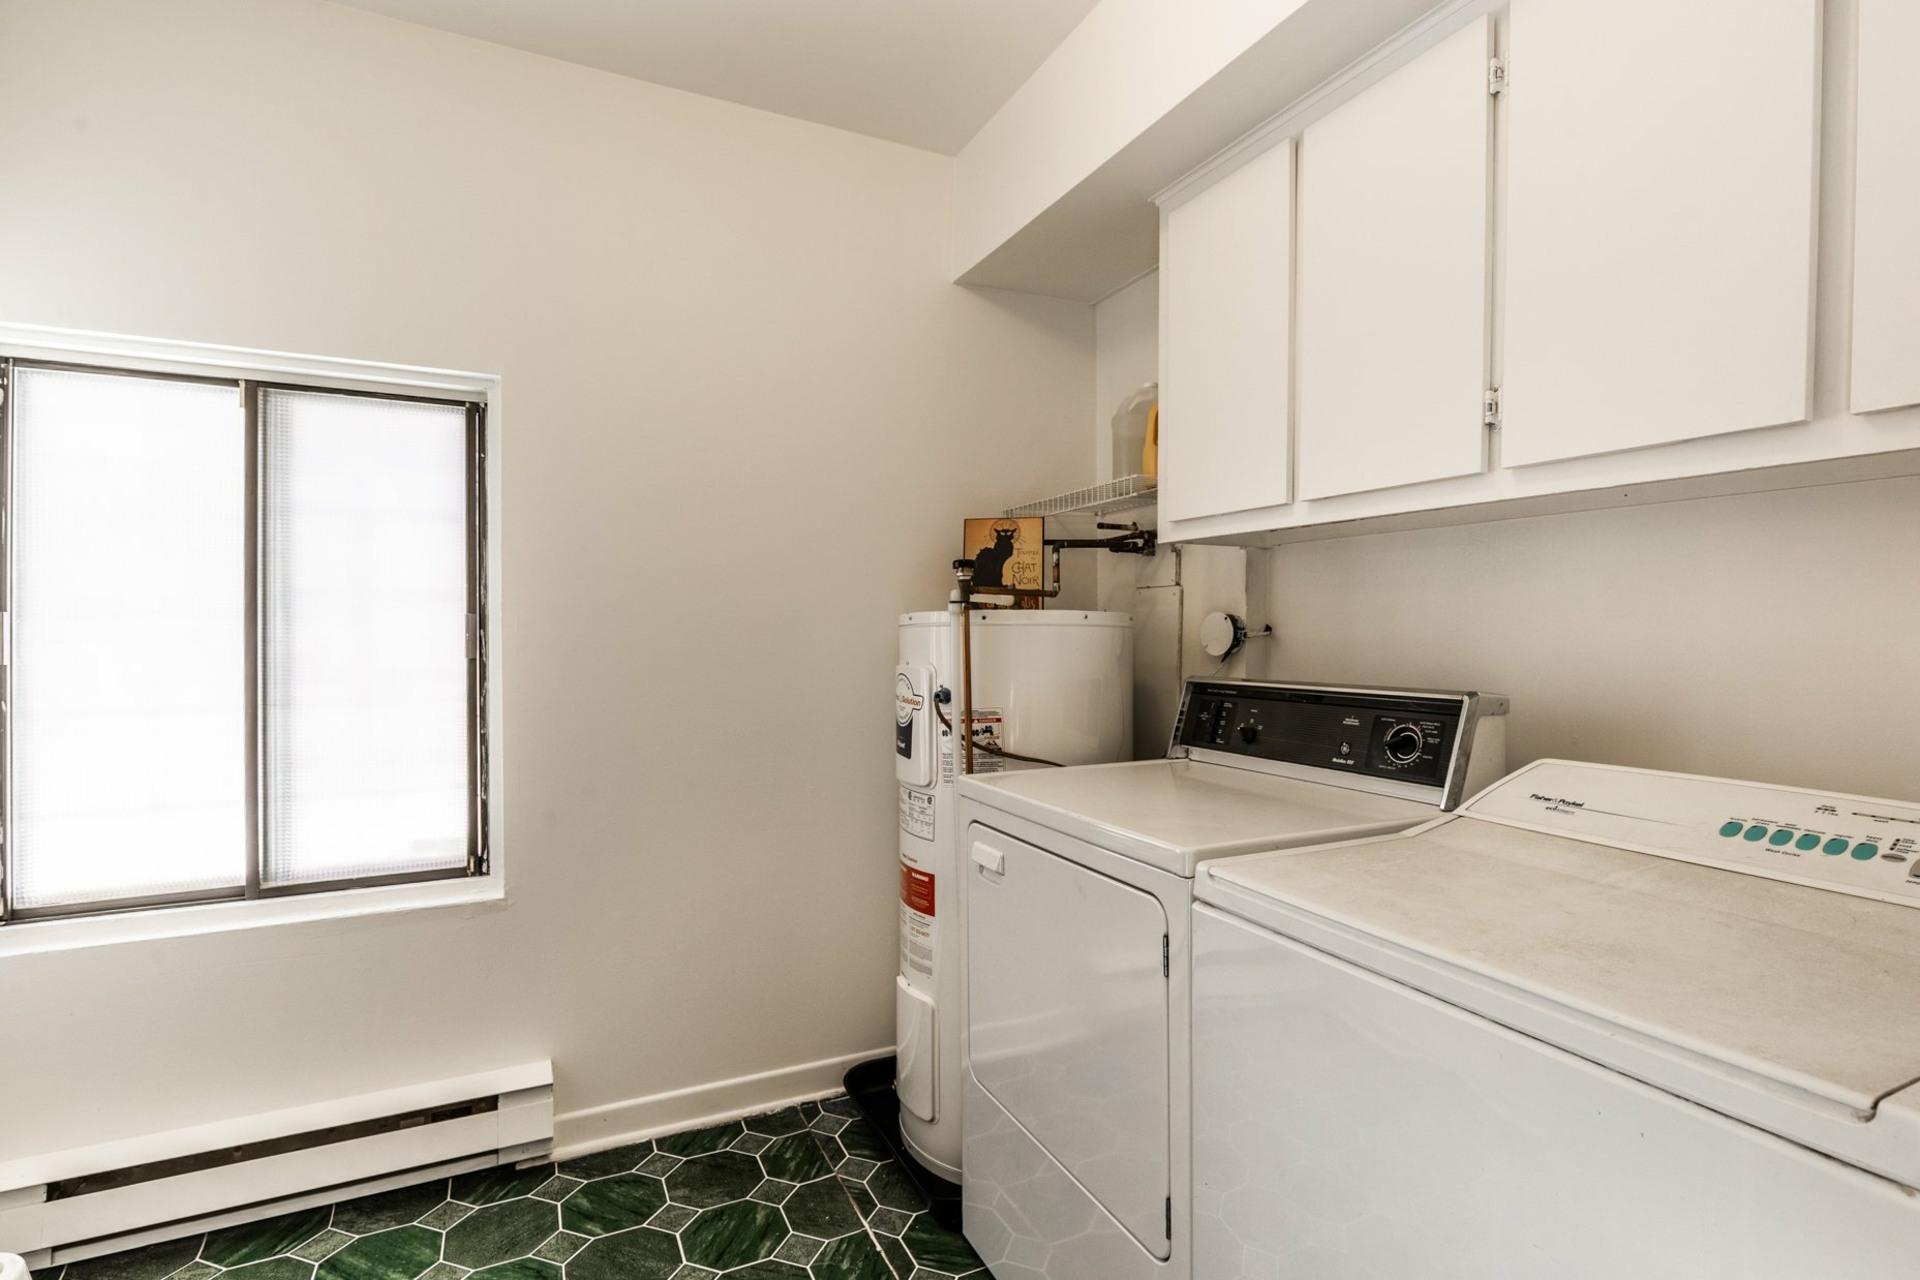 image 16 - Appartement À vendre Le Plateau-Mont-Royal Montréal  - 6 pièces